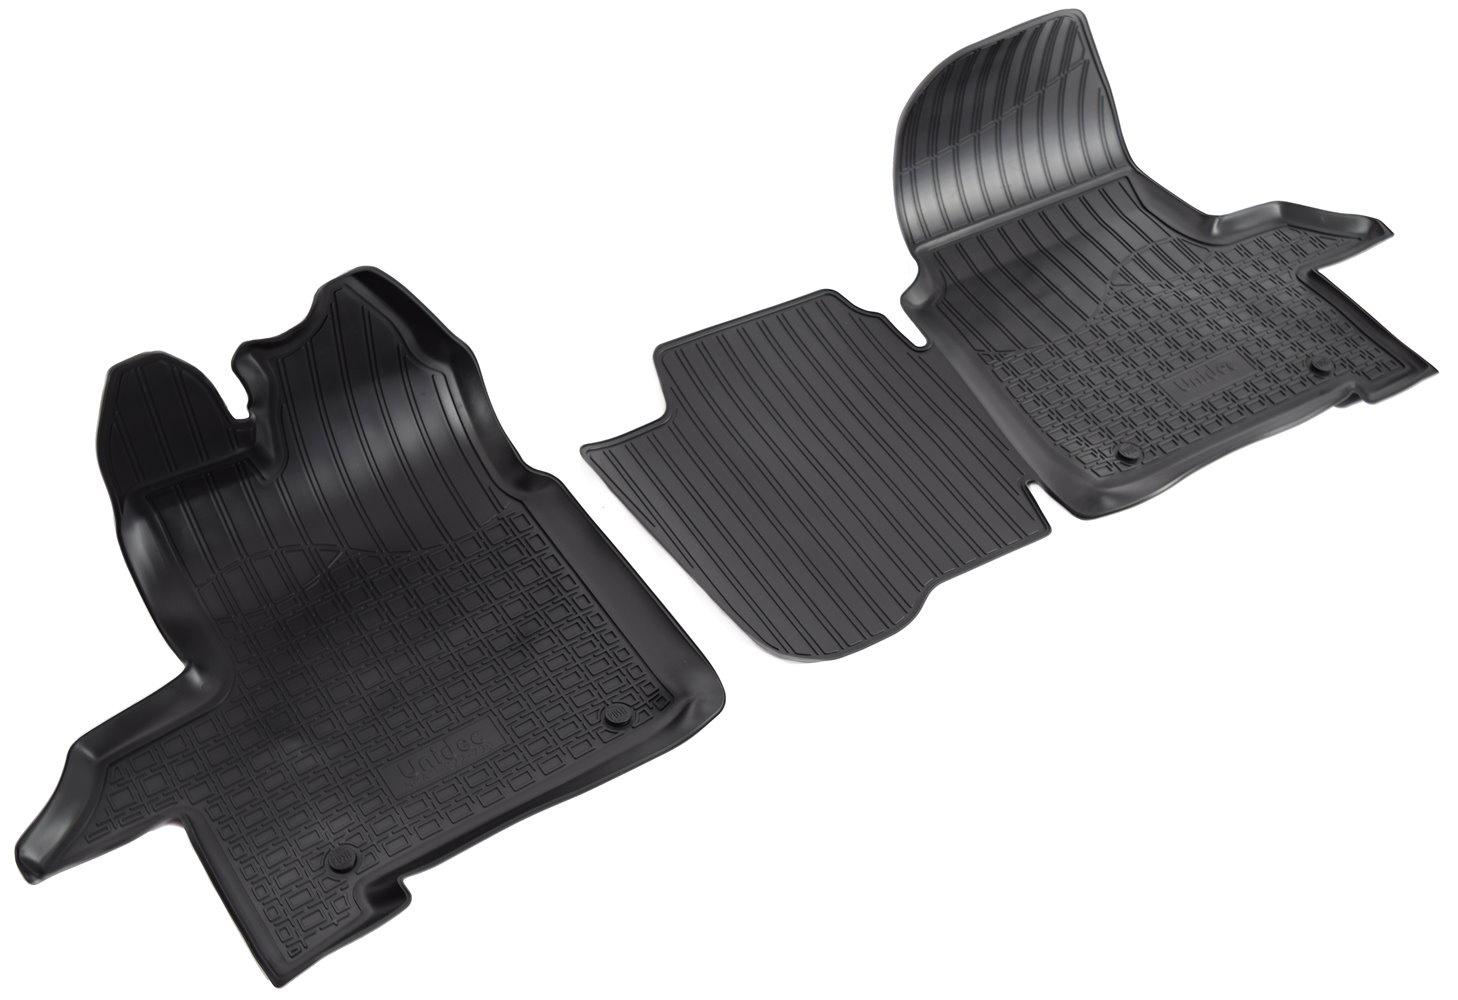 Коврики в салон Norplast для Ford Transit 2014 ппередние, NPA11-C22-730, черный